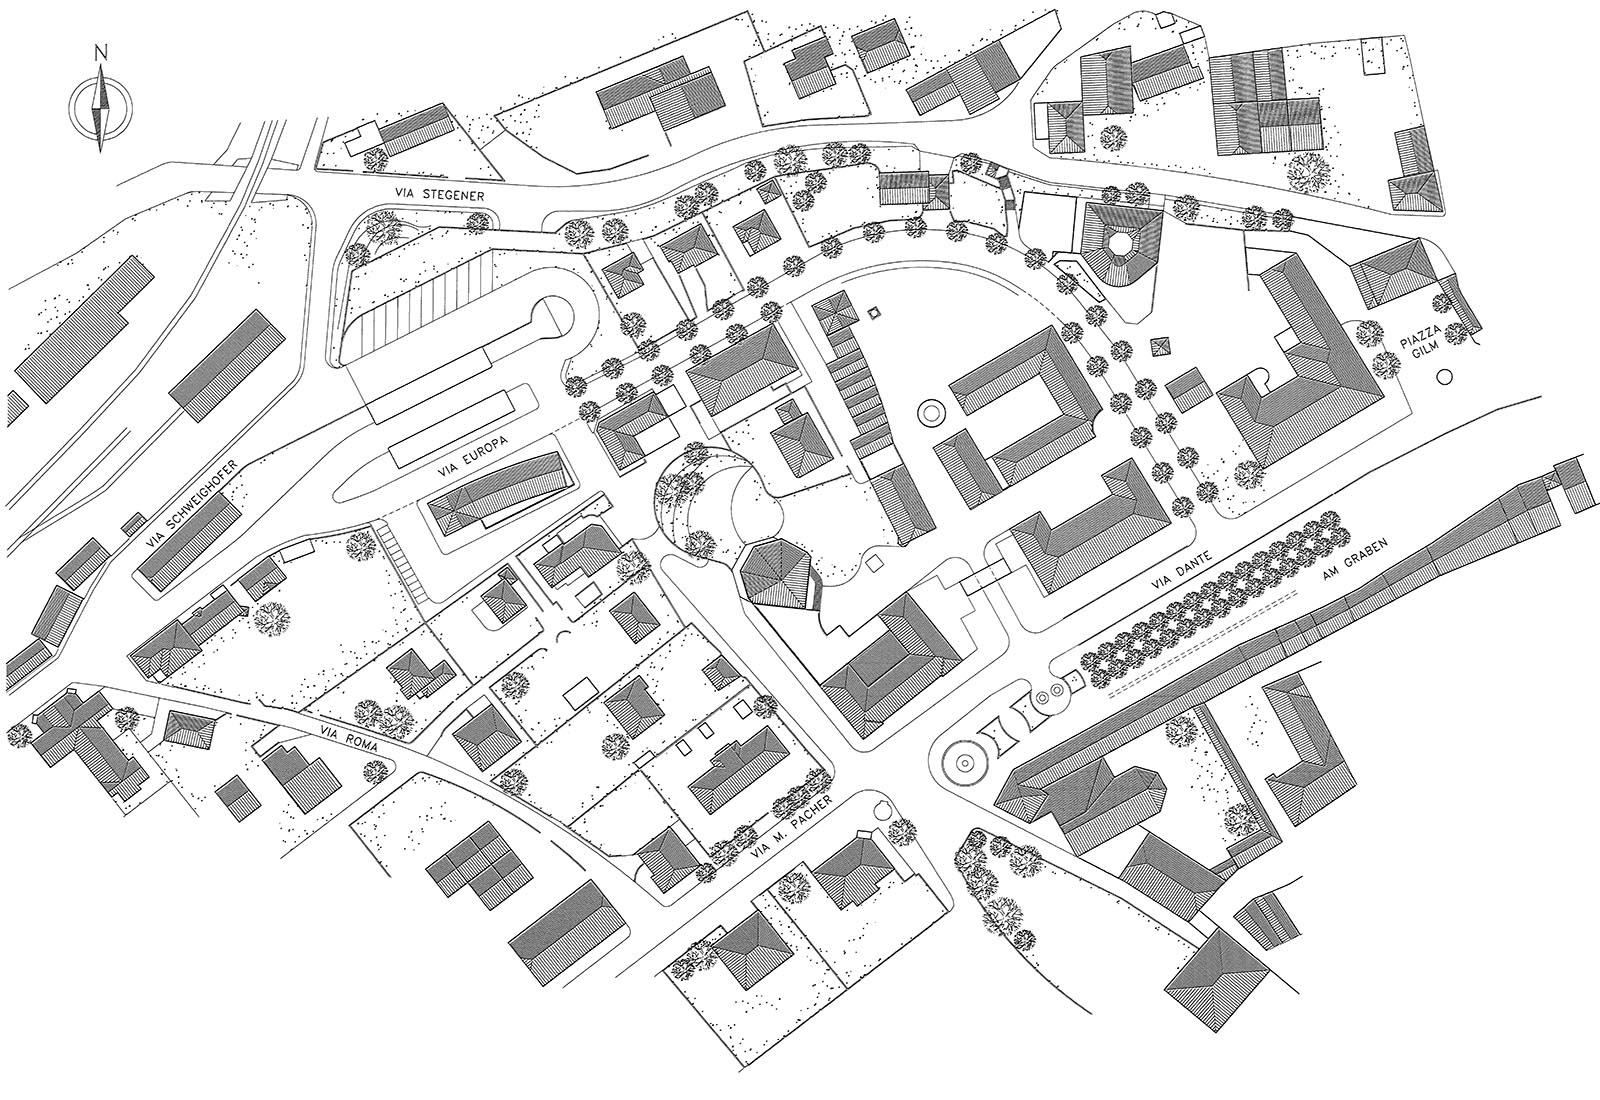 Area autocorriere Brunico - Planimetria generale di progetto